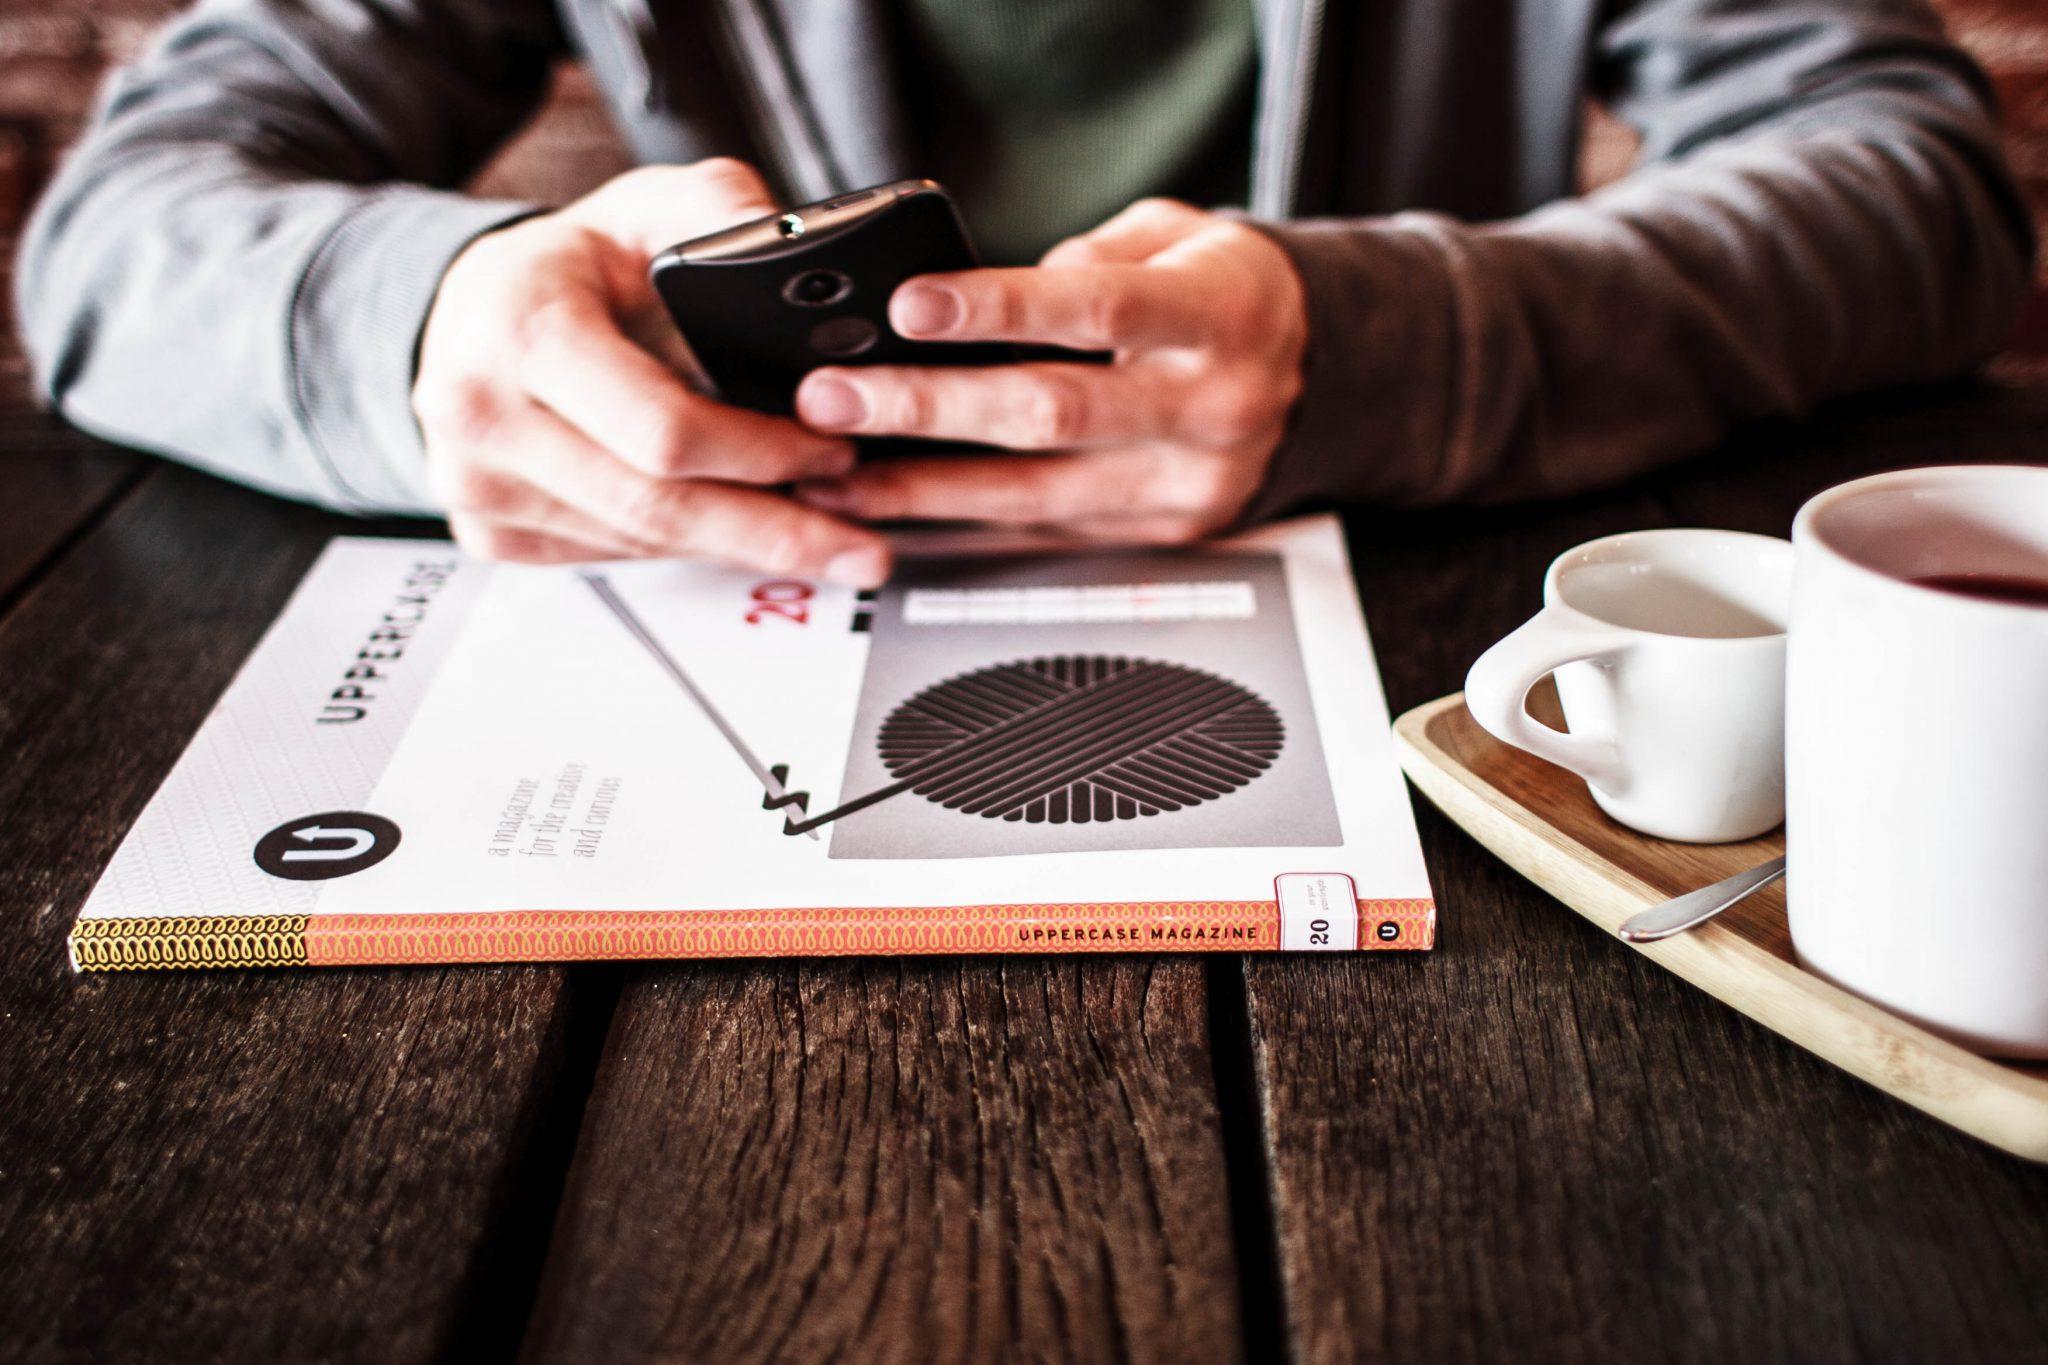 【21卒・22卒必見】OBOG訪問がラクになるおすすめアプリとサイト14選!